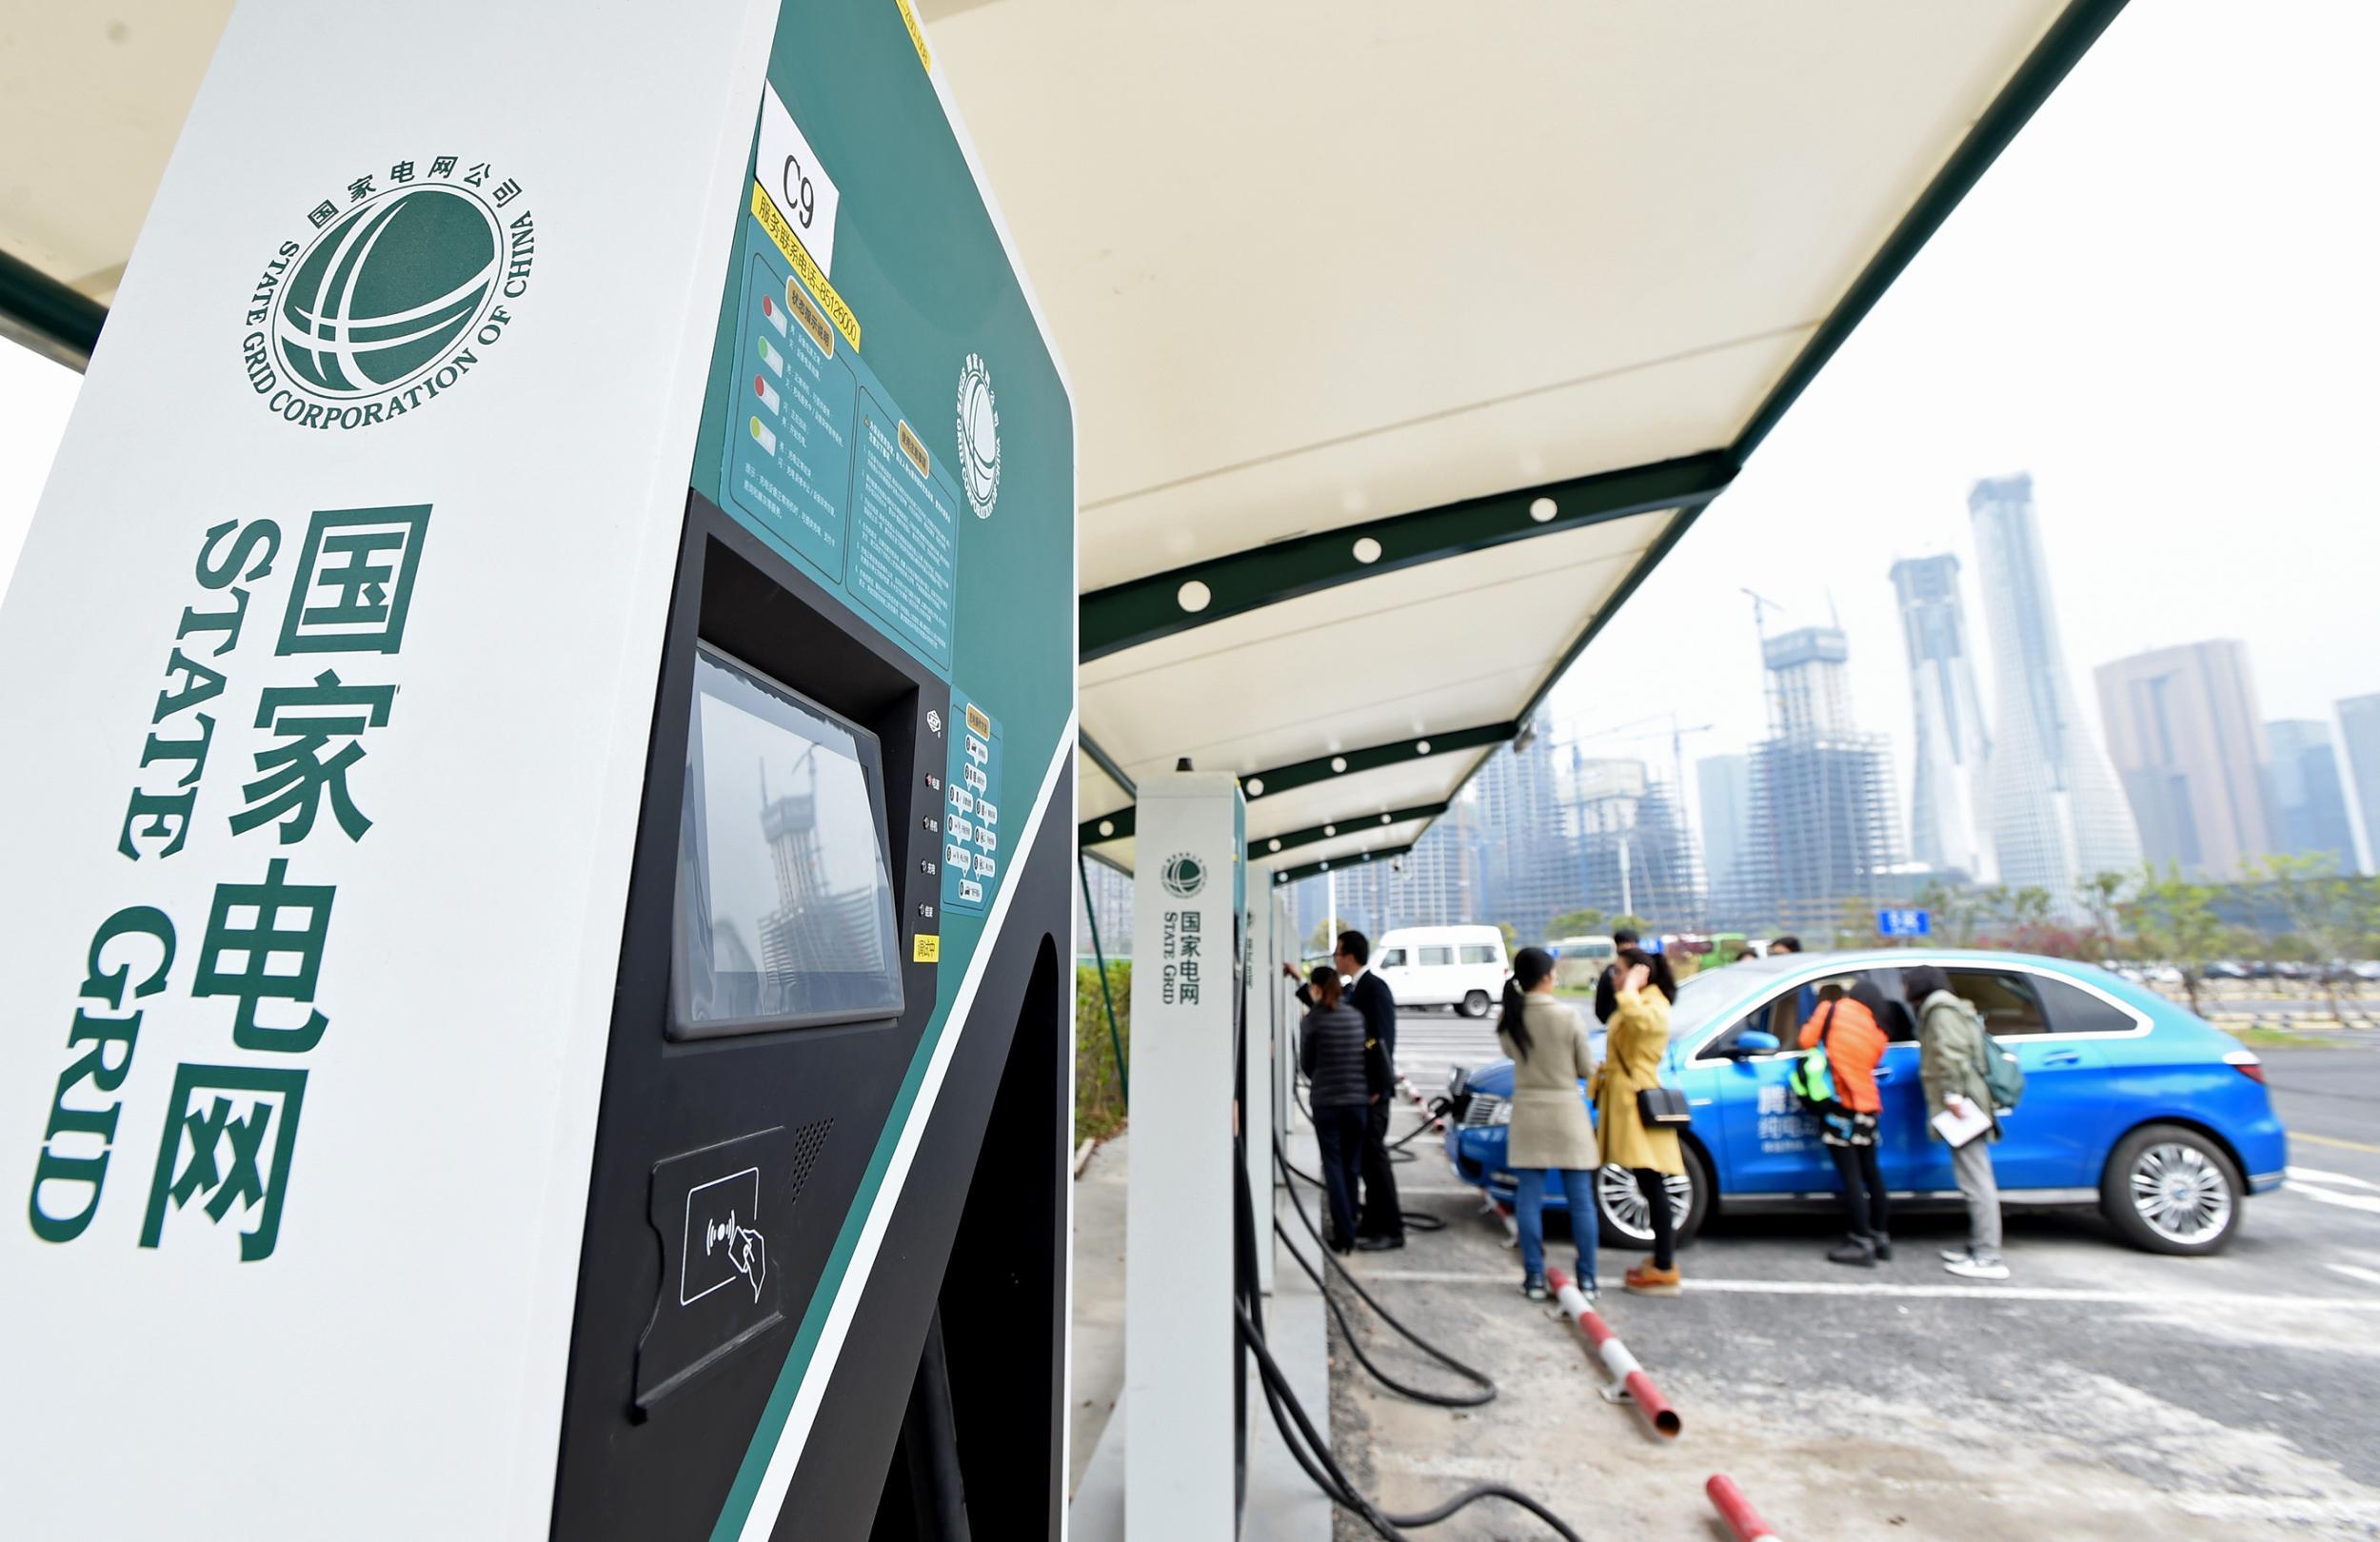 各地新能源汽车充电桩建设提速 国家能源局:2017年90万个